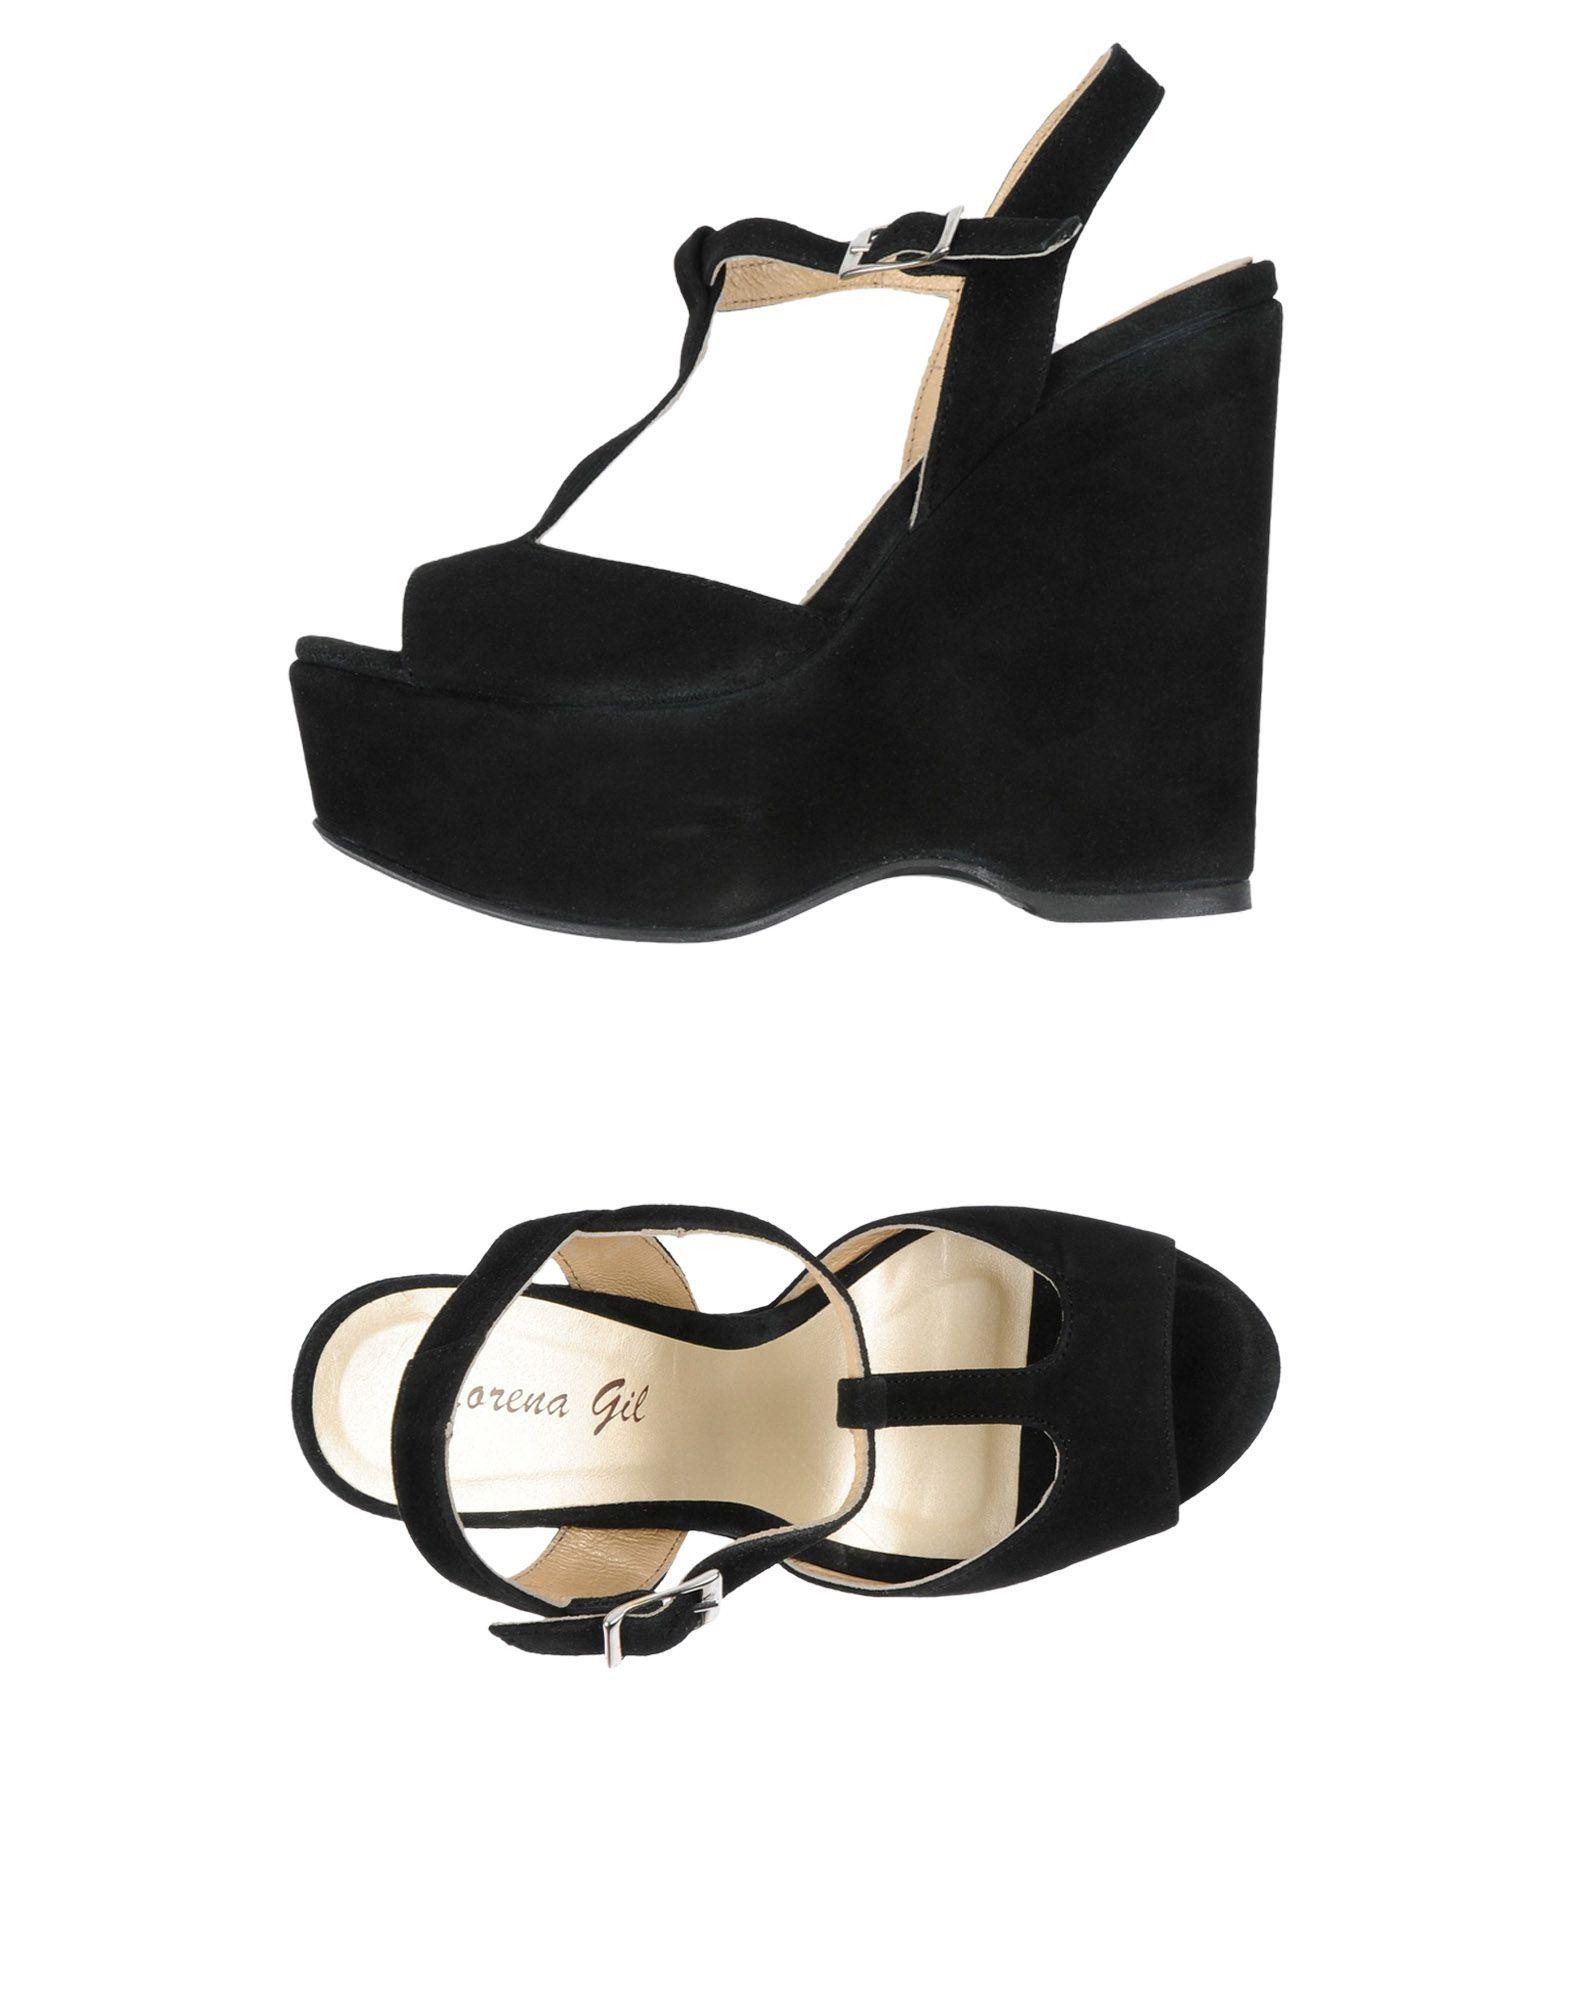 Lorena Gil Sandalen Damen  11215107VJ Gute Qualität beliebte Schuhe